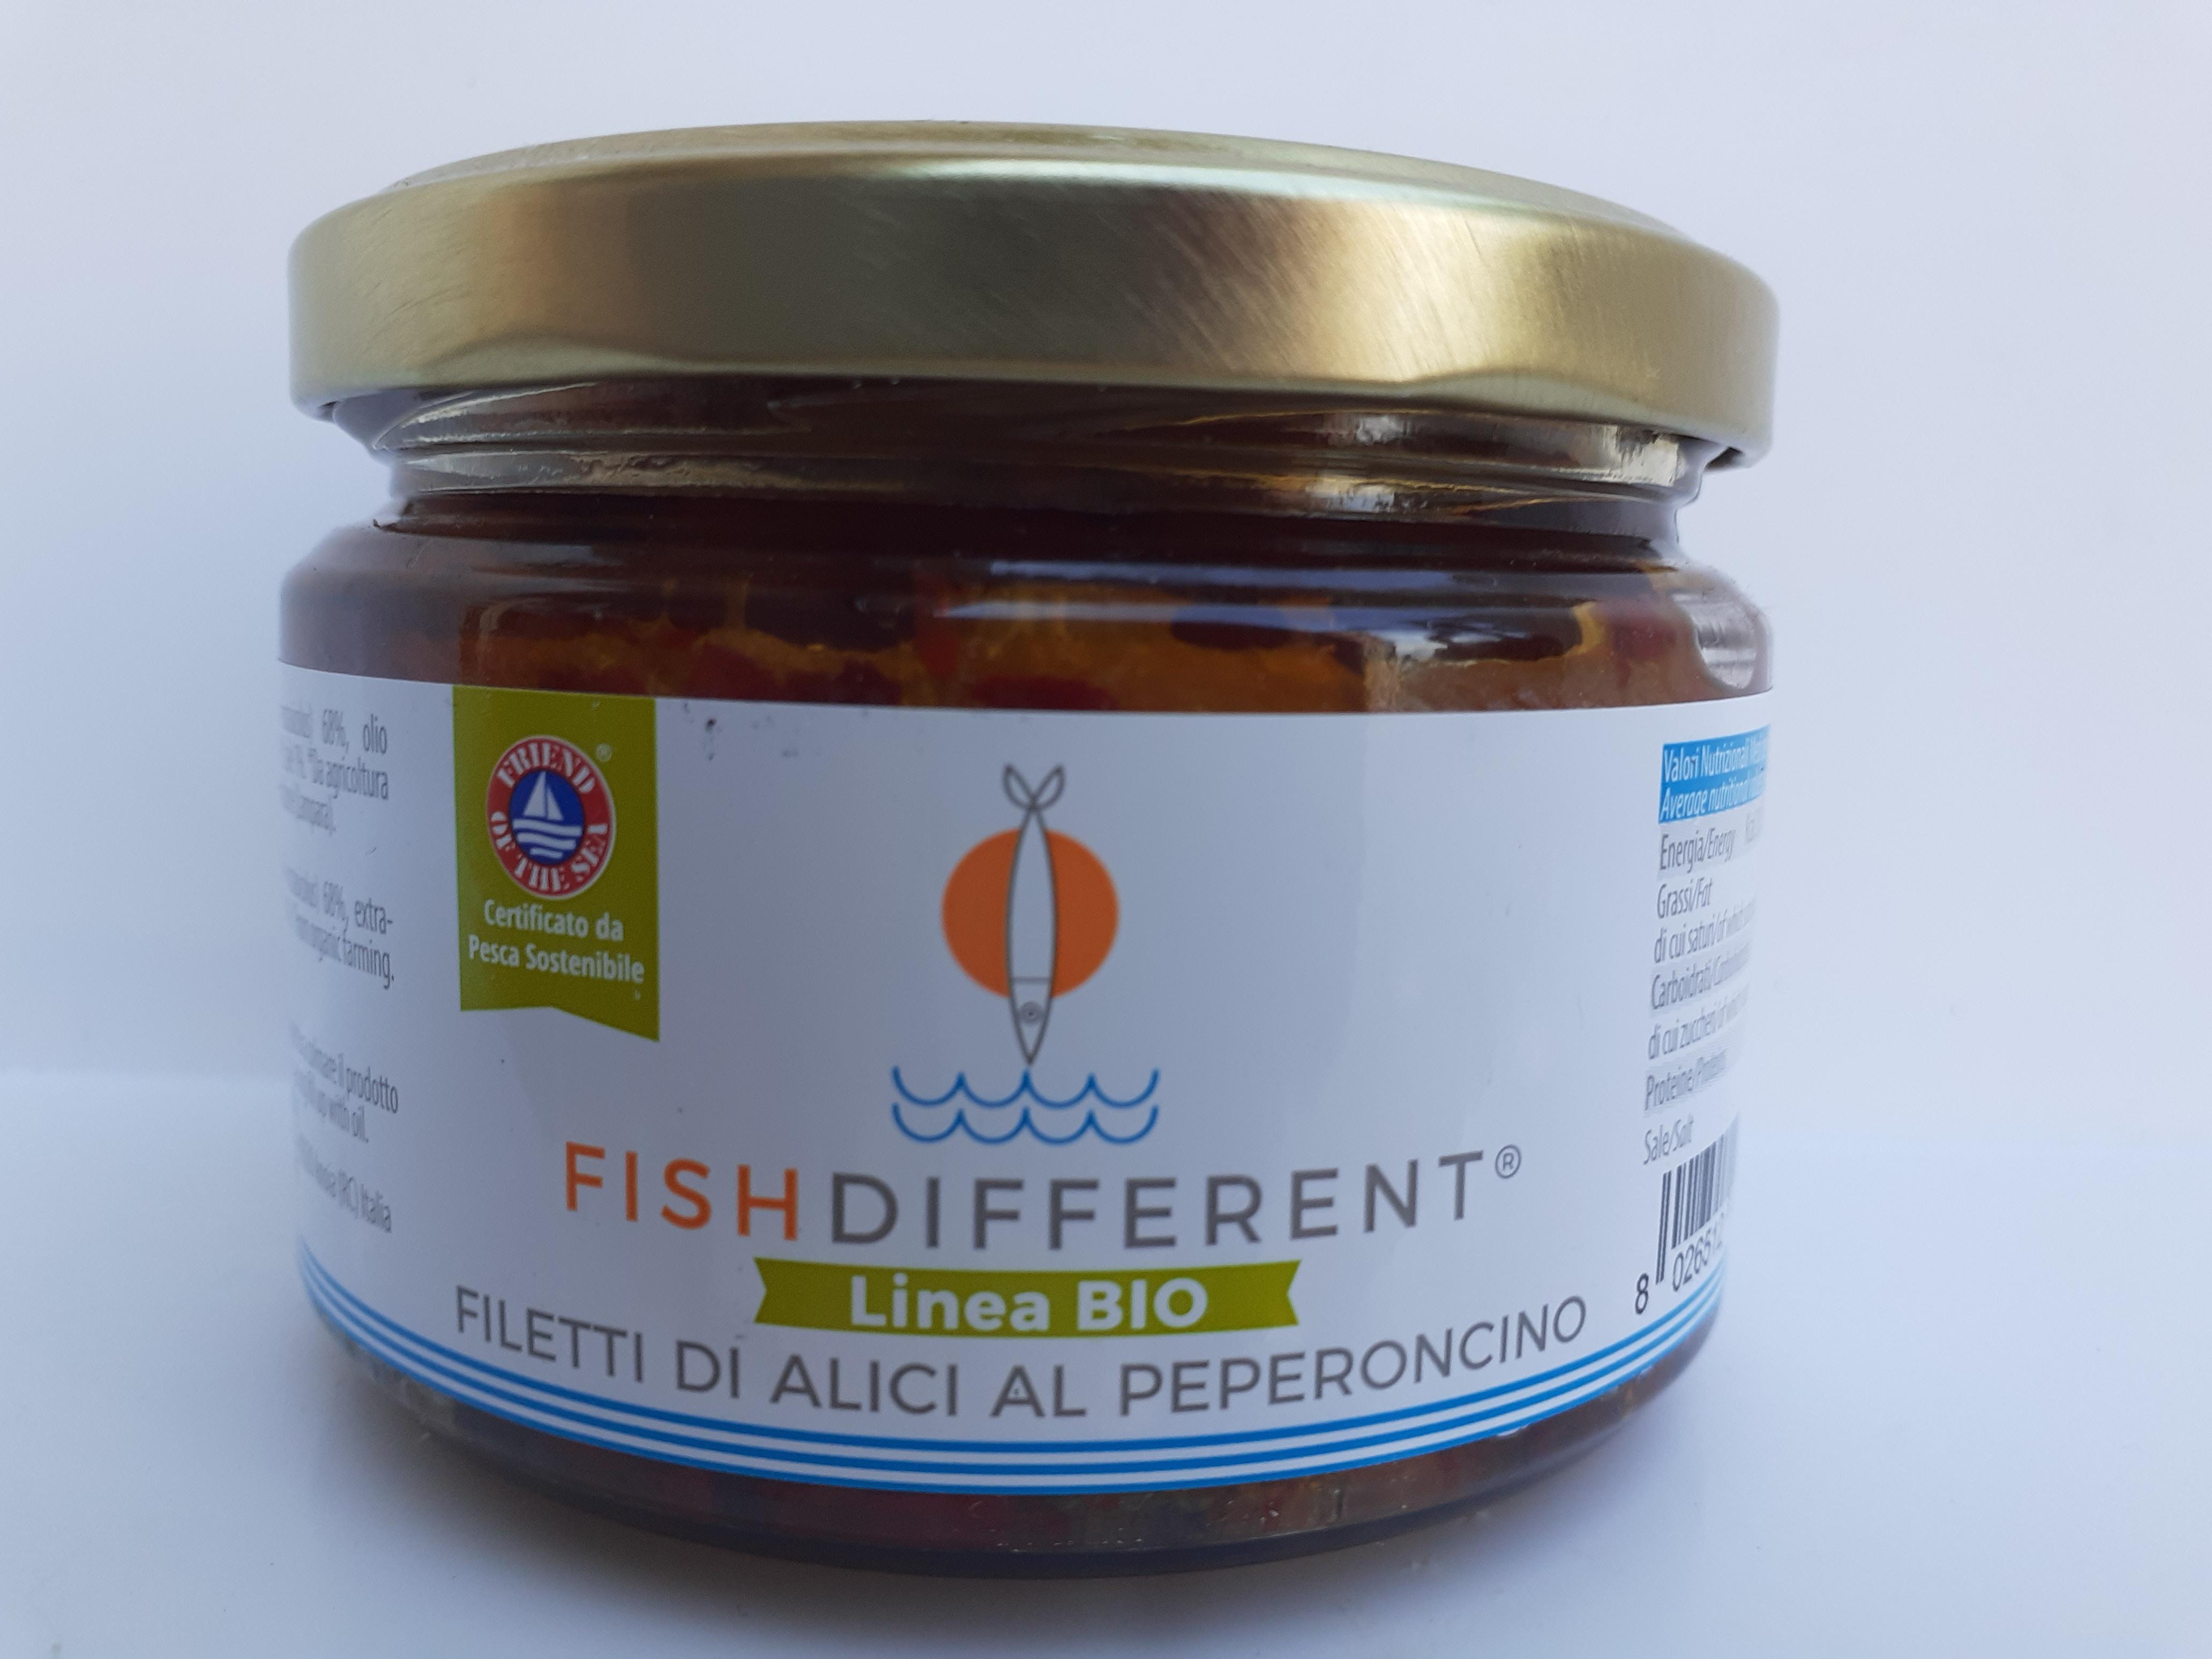 Filetti di Alici al peperoncino linea BIO. fatto con alici, olio extravergine di oliva, peperoncino e sale. Ditta CALABRIAITTICA Anoia (RC)